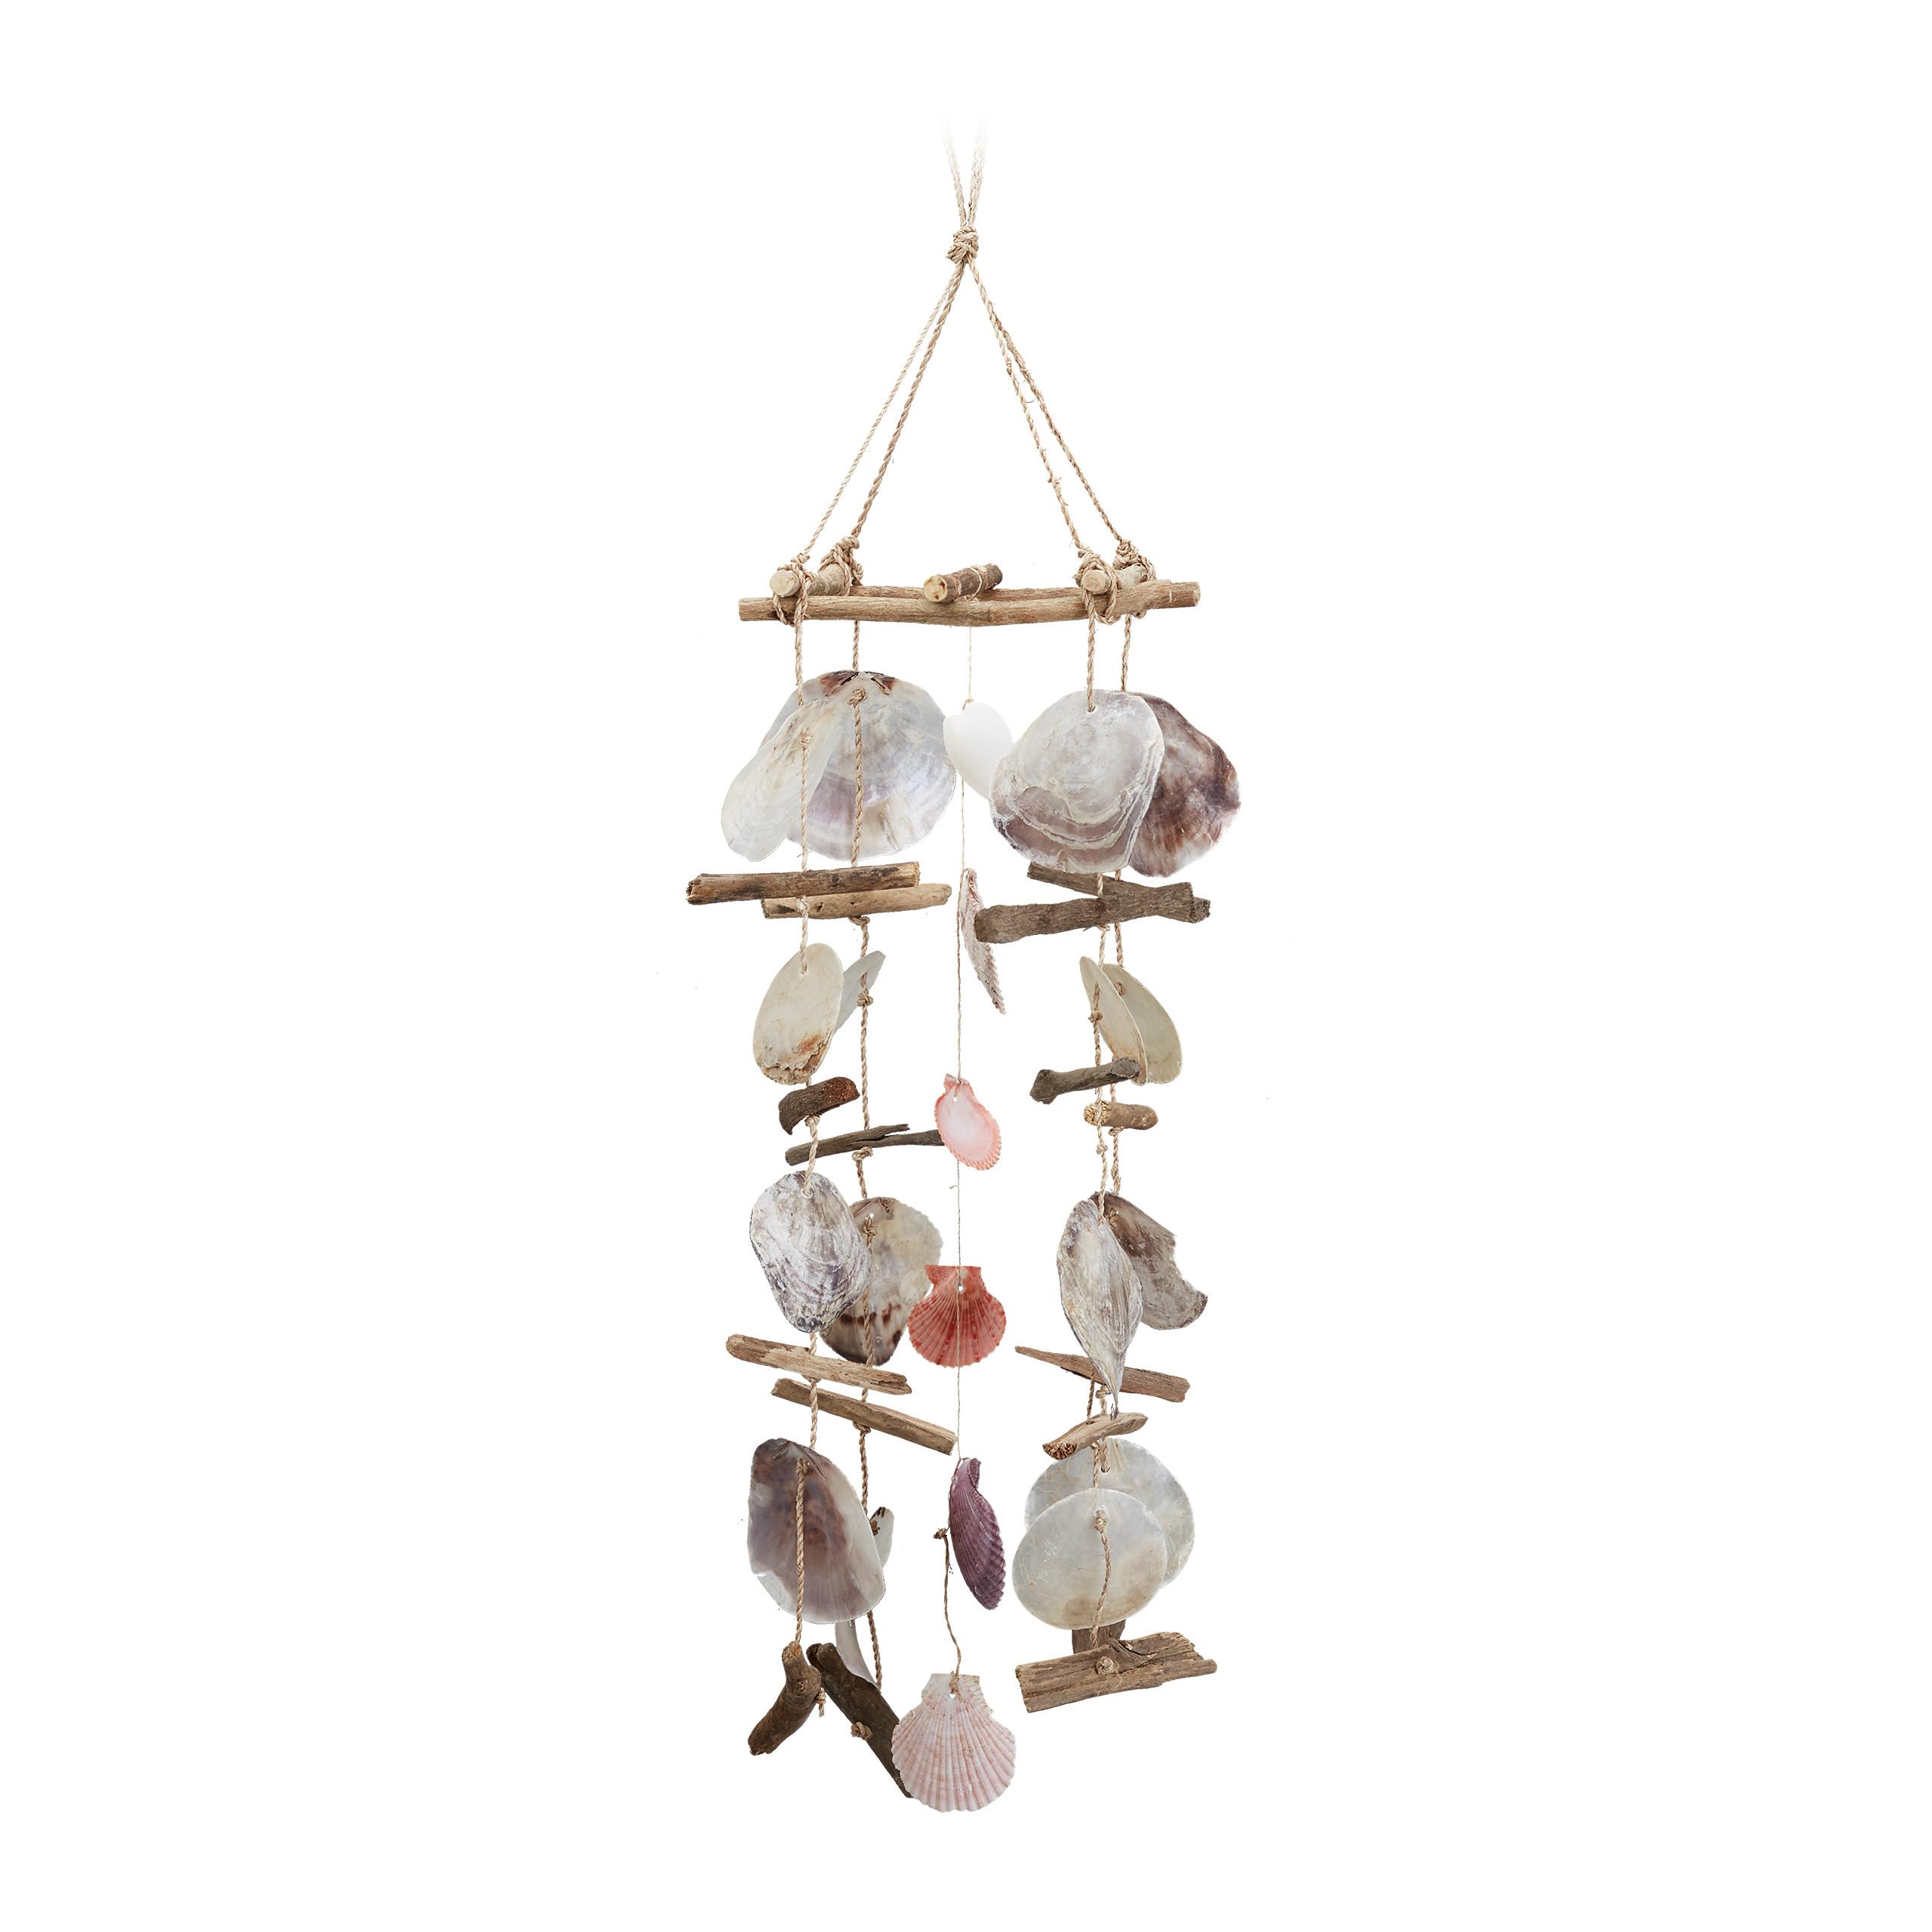 Windspiel Treibholz mit Capiz-Muscheln großes Klangspiel Strand Deko für Garten